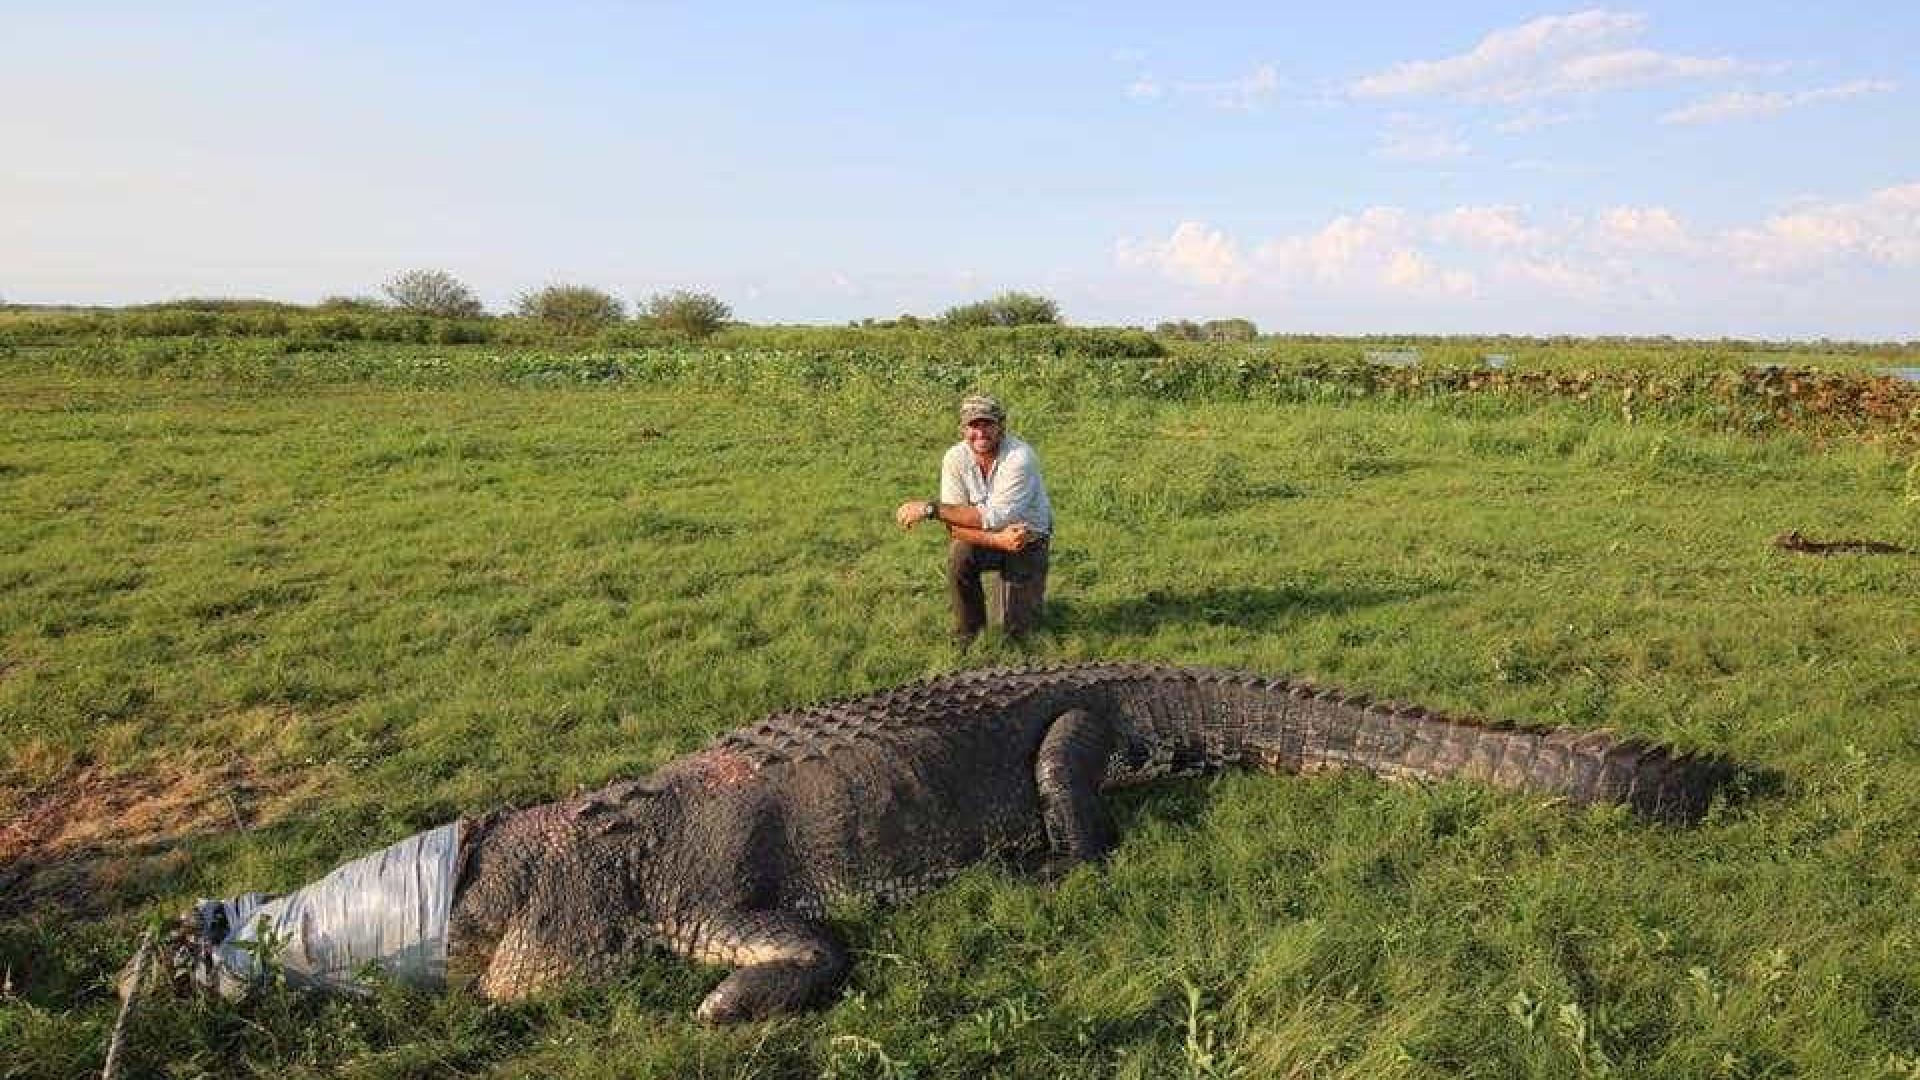 Crocodilo de 500 kg ataca câmera de aventureiro na Austrália